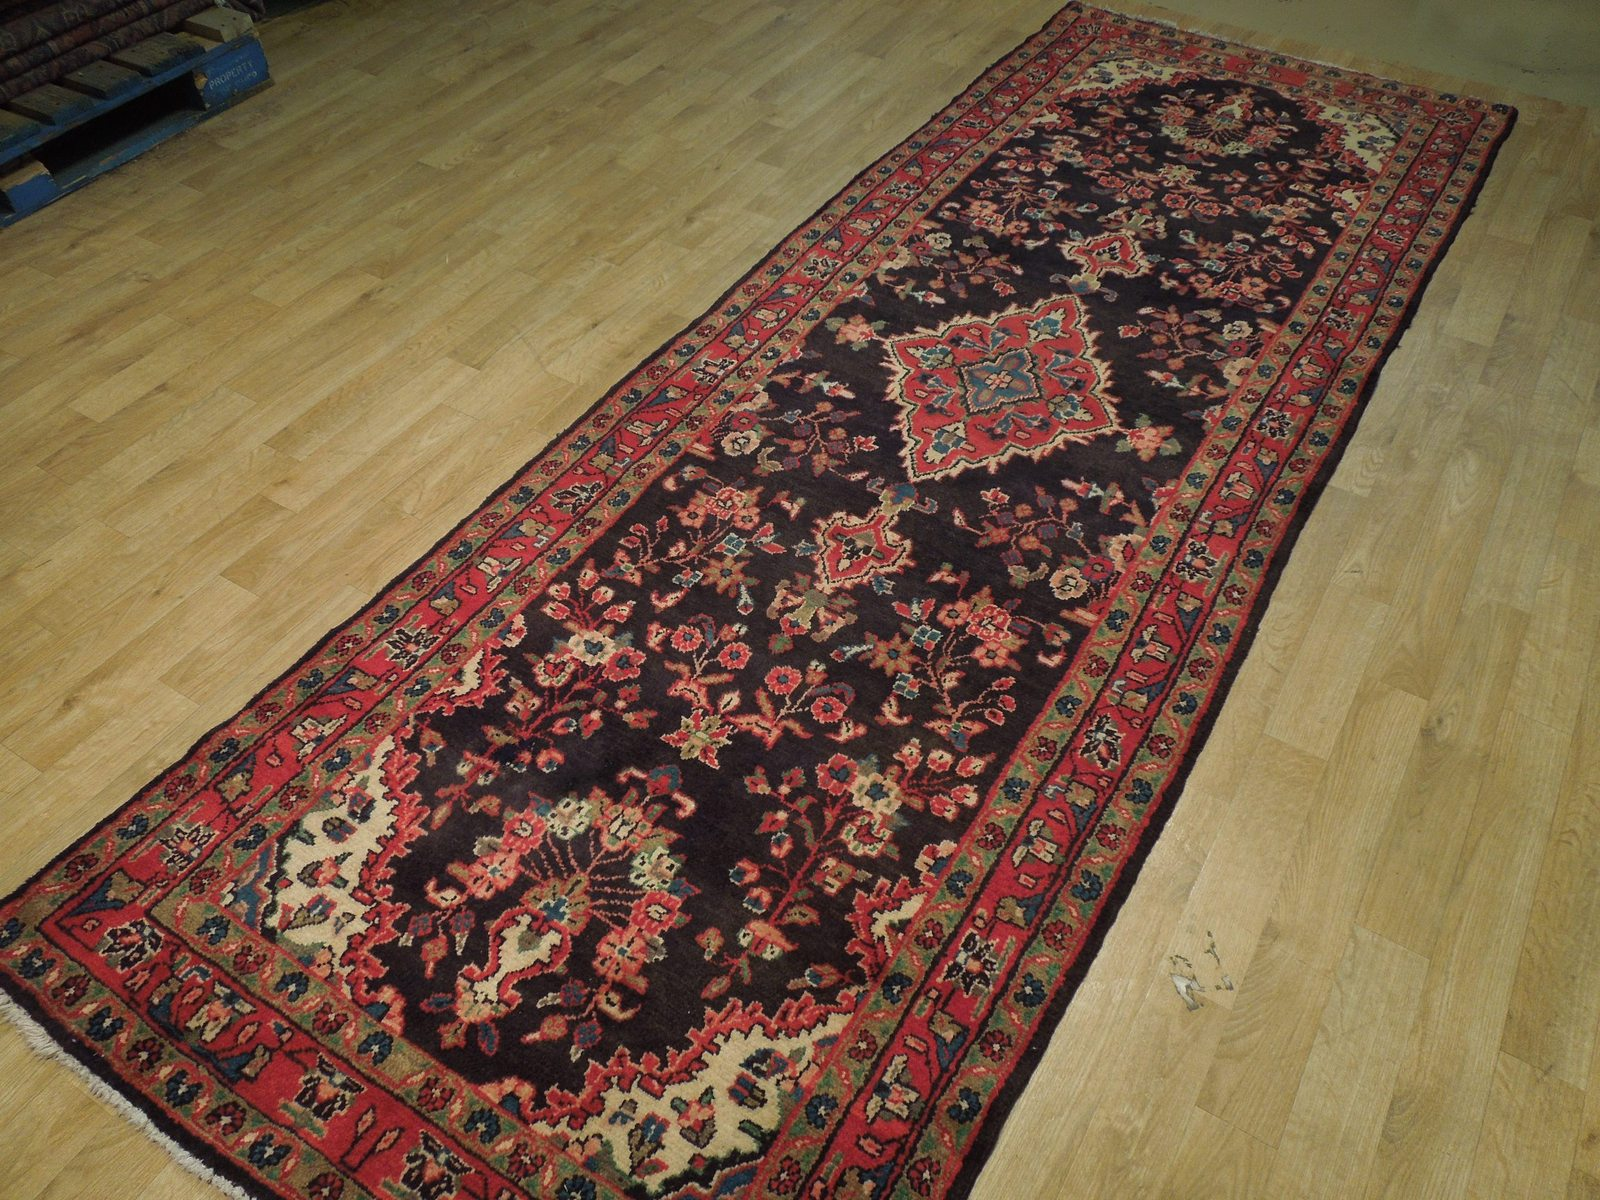 Tribal Wide Gallery Runner Persian Genuine Handmade 4x10 Black Sarouk Wool Rug image 5